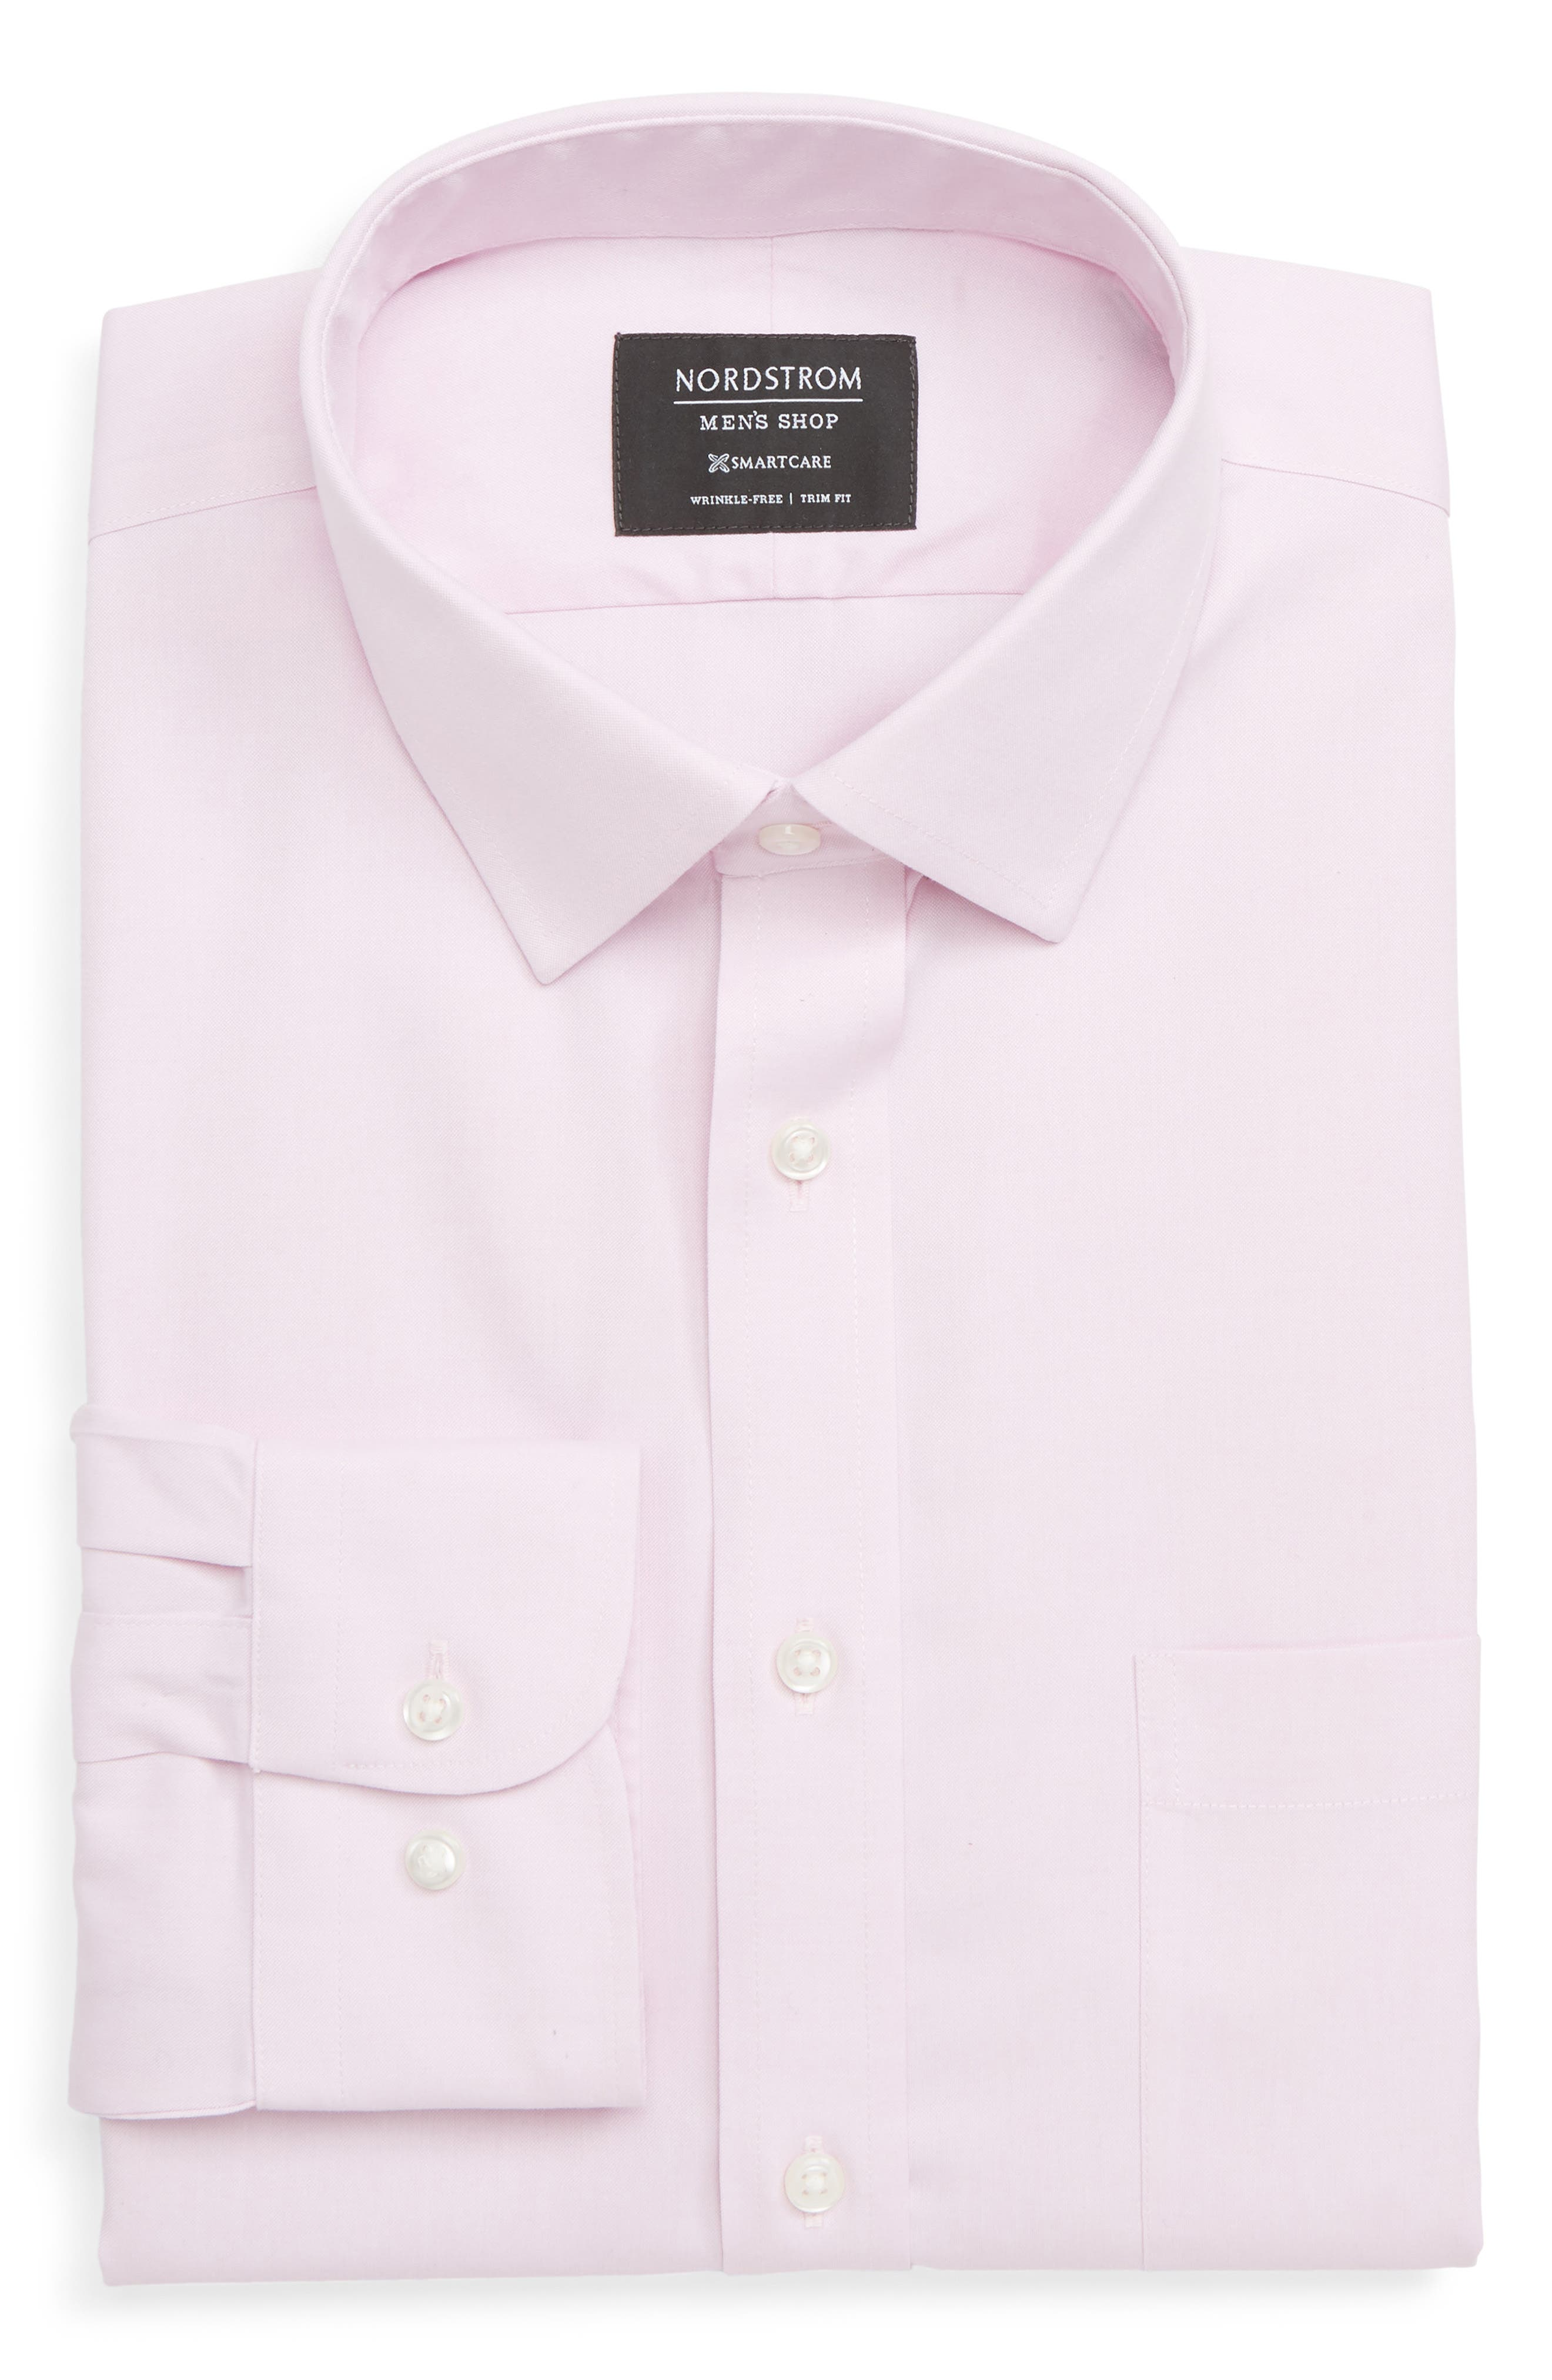 Nordstrom Shop Smartcare(TM) Trim Fit Solid Dress Shirt, 5.5 34/35 - Pink